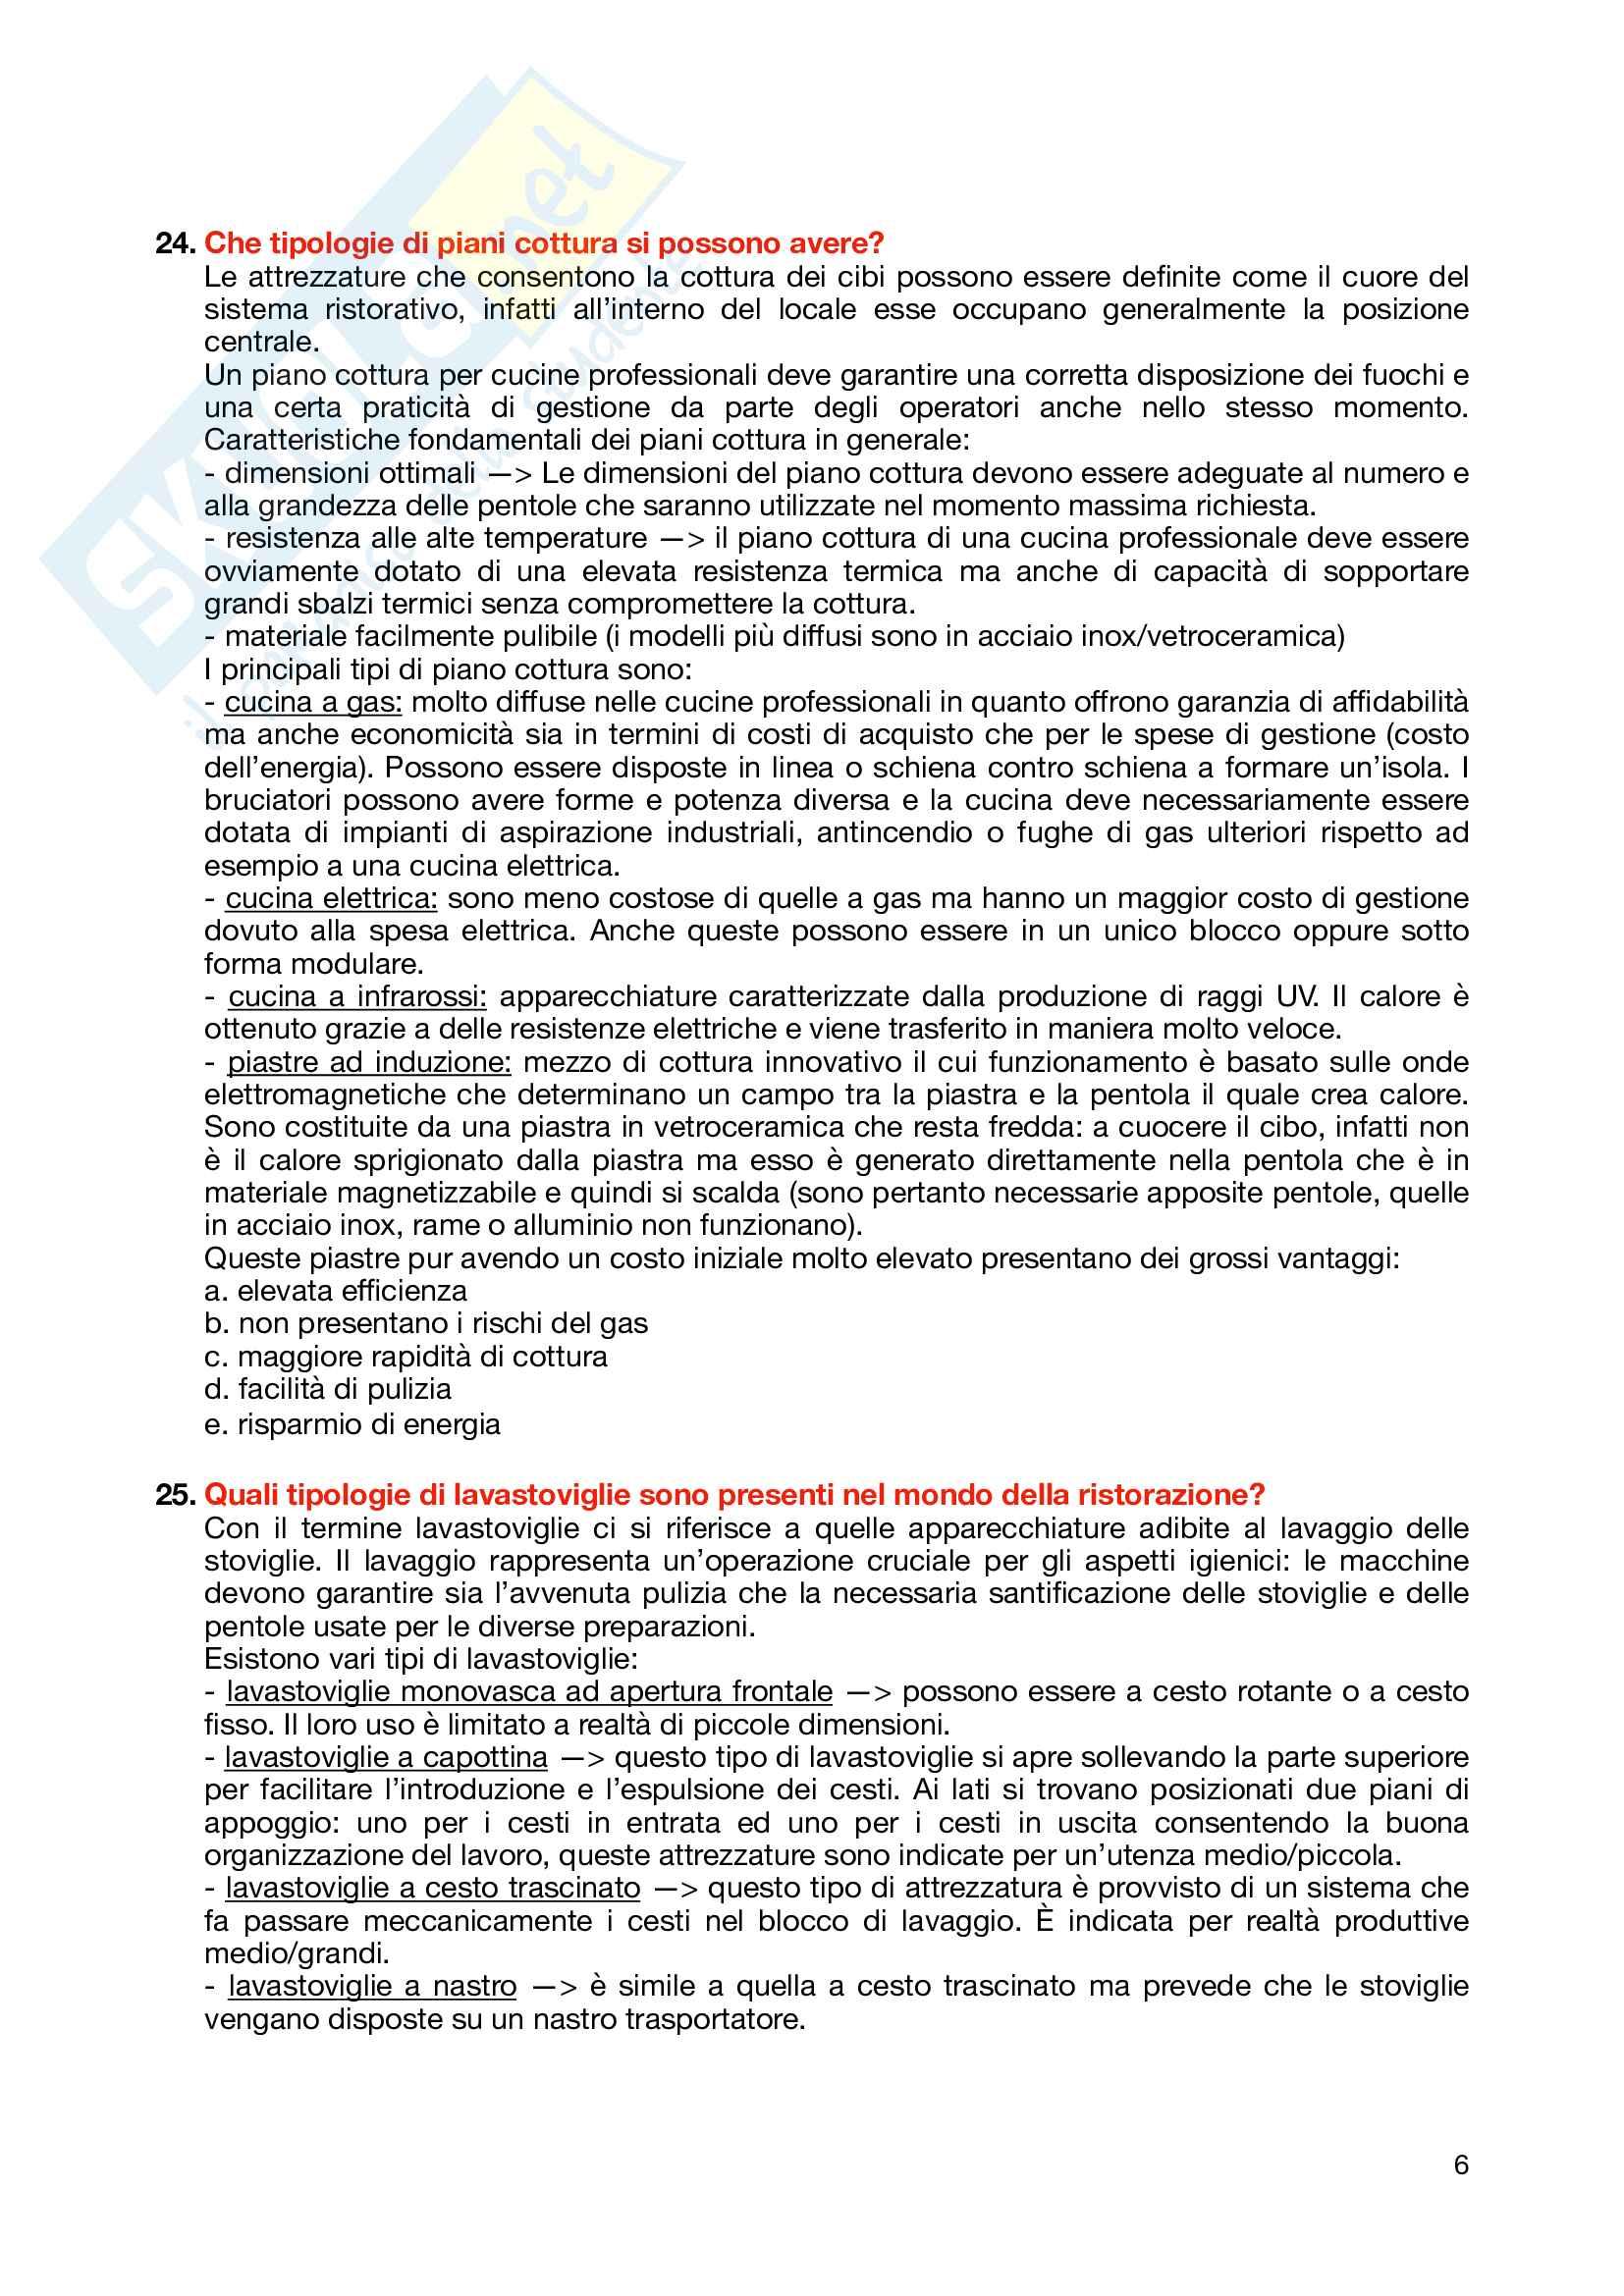 Tutte le domande con risposte dell'esame progettazione e logistica Pag. 6